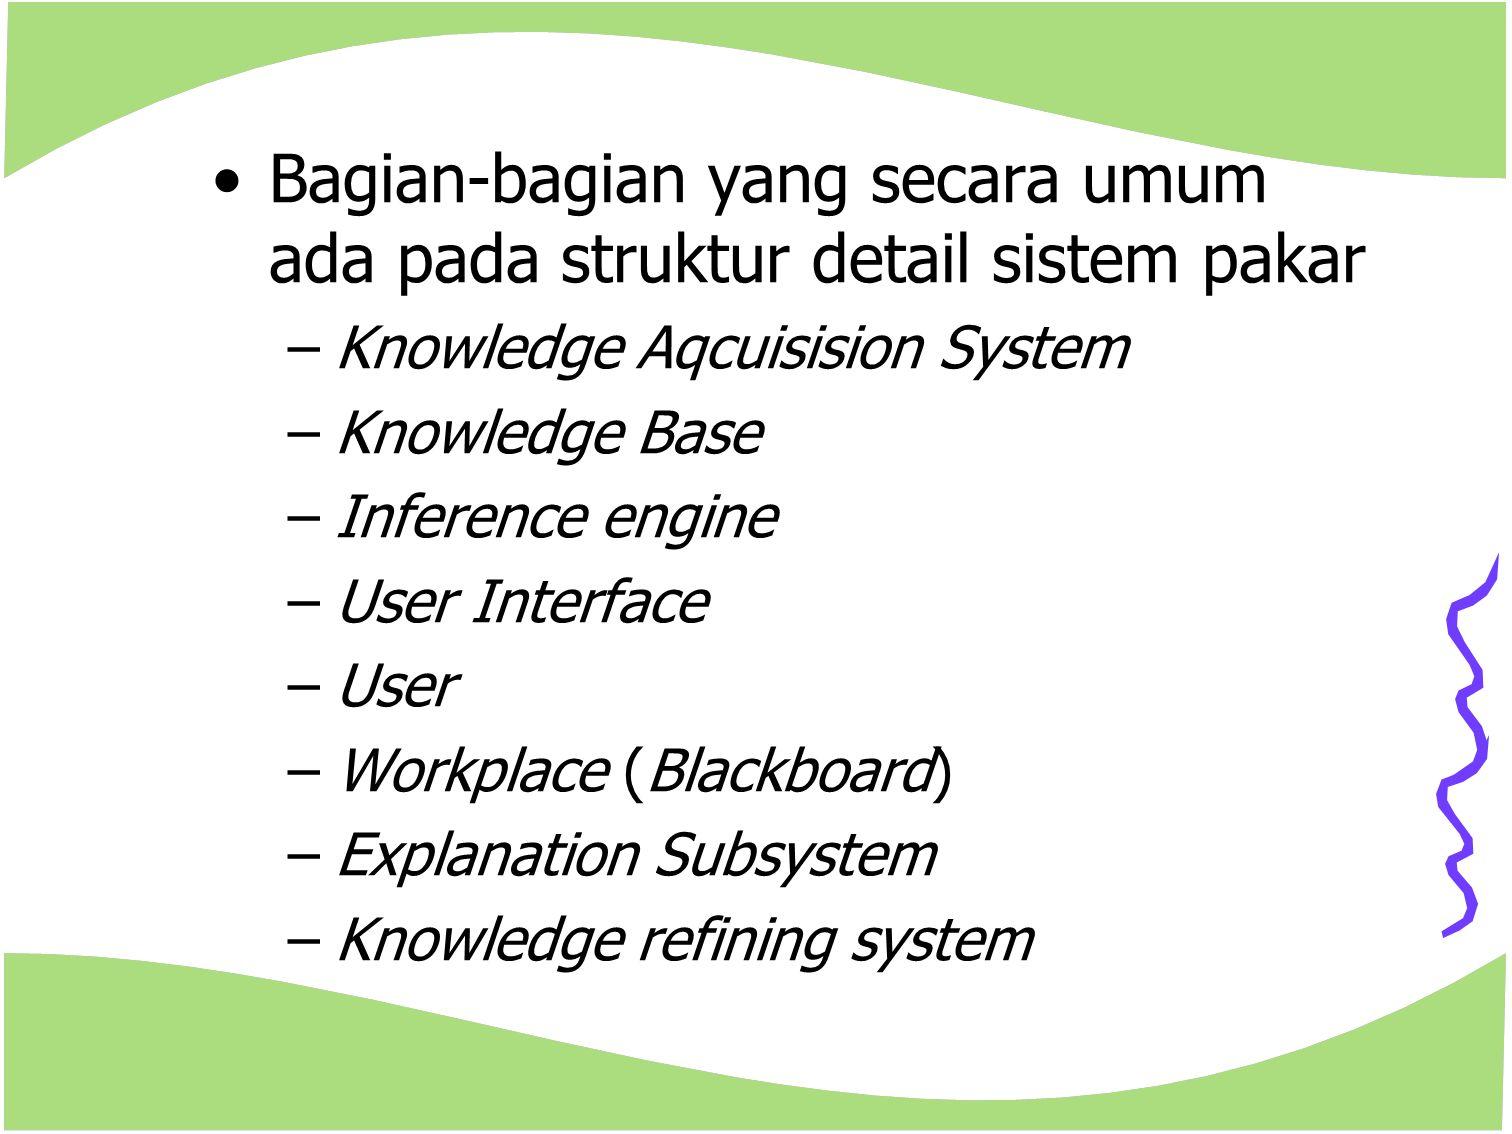 Bagian-bagian yang secara umum ada pada struktur detail sistem pakar